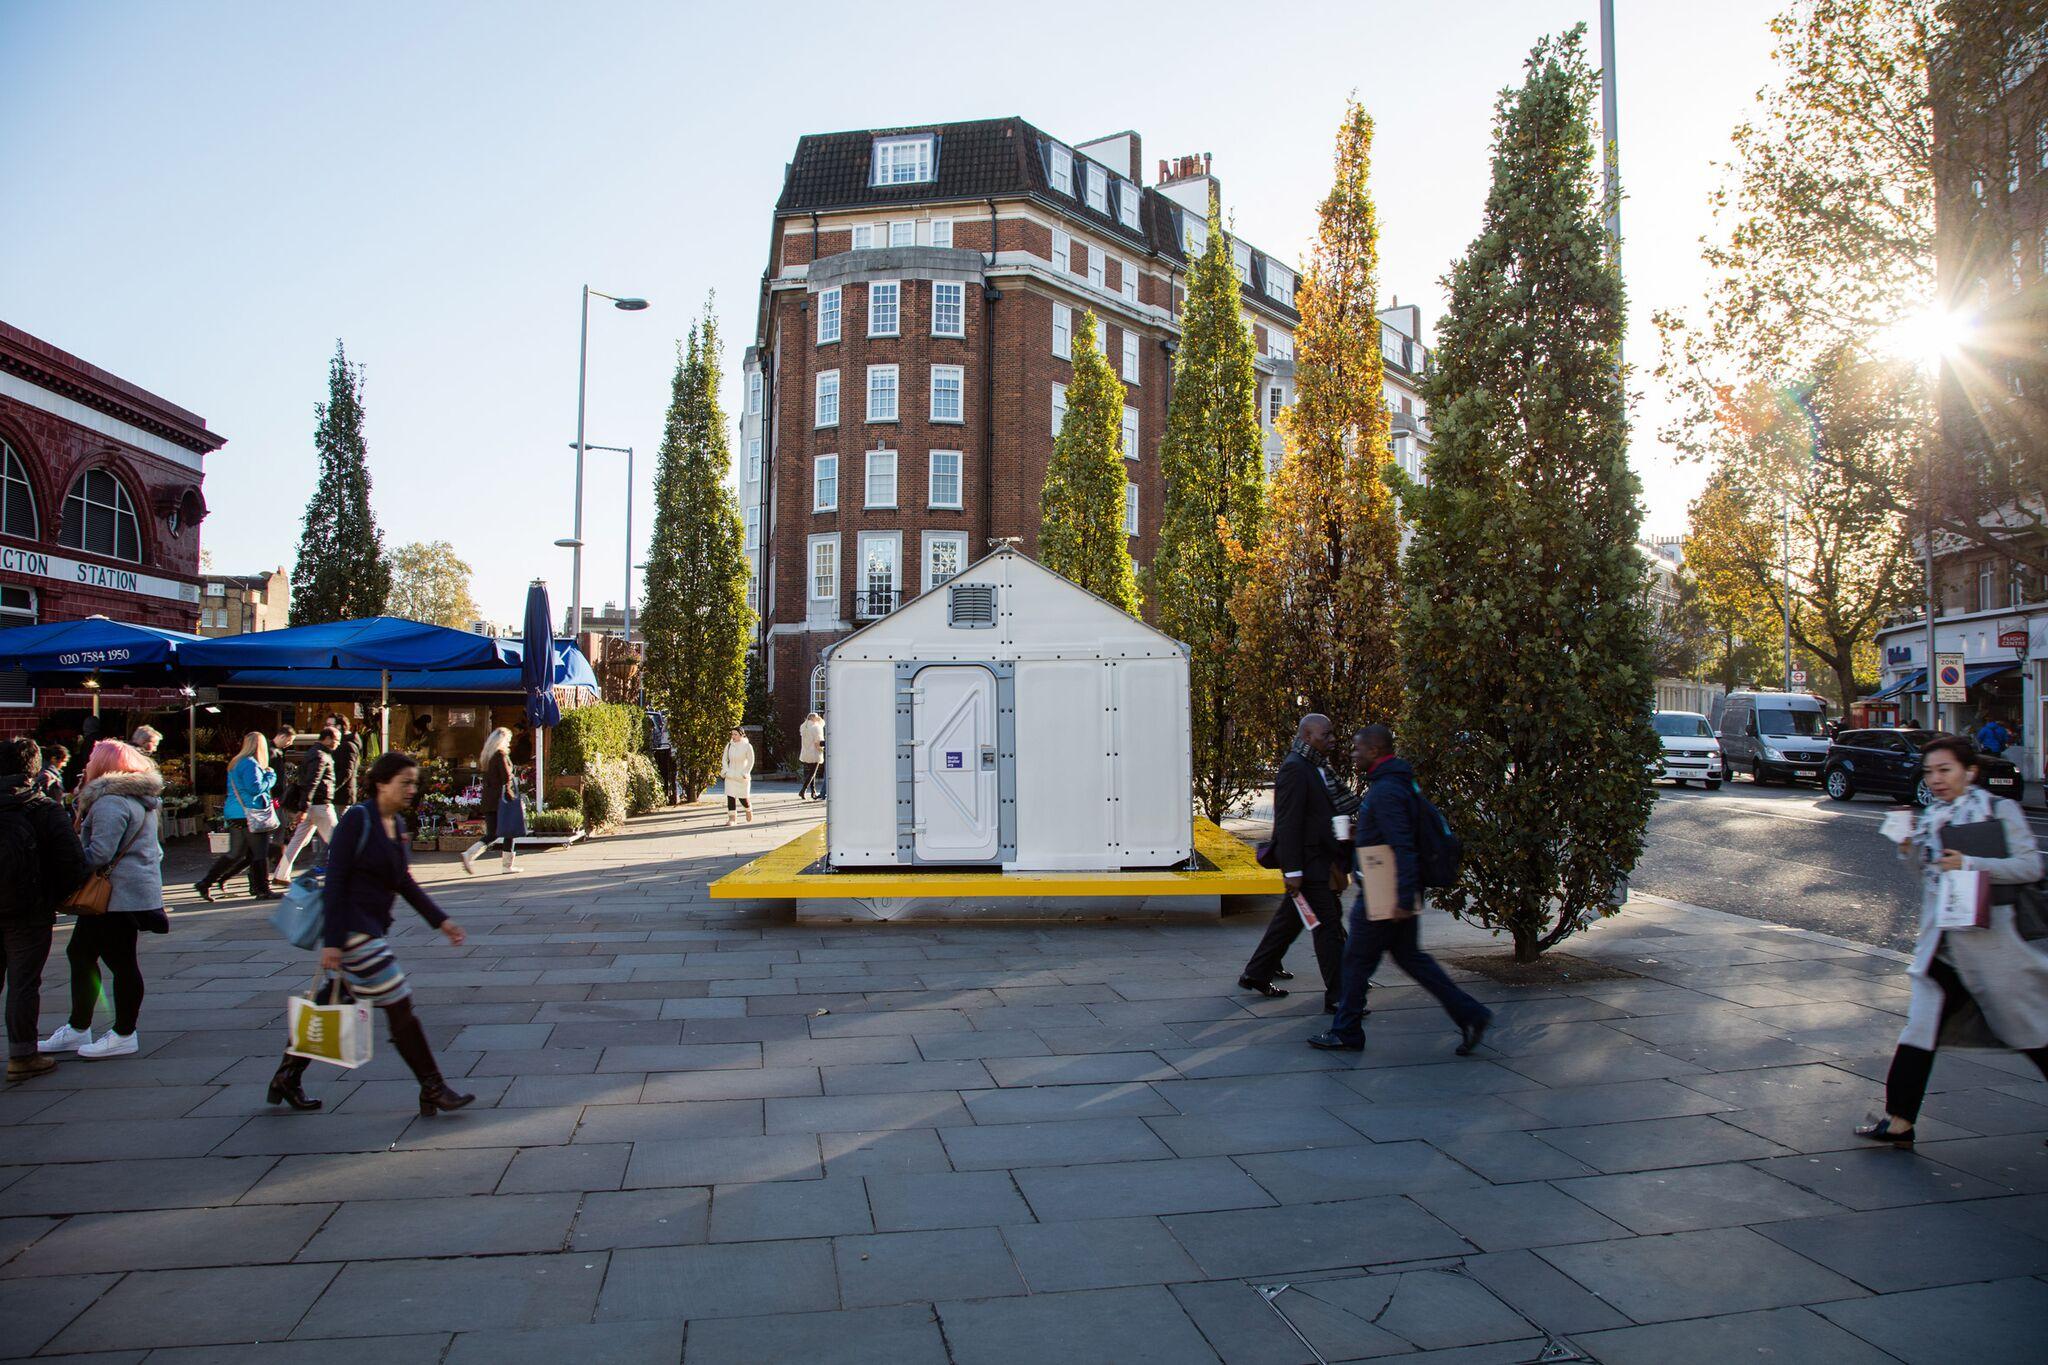 ikea-refugee-shelter-design-museum-installation-news-london-uk_dezeen_2364_col_5_preview.jpg